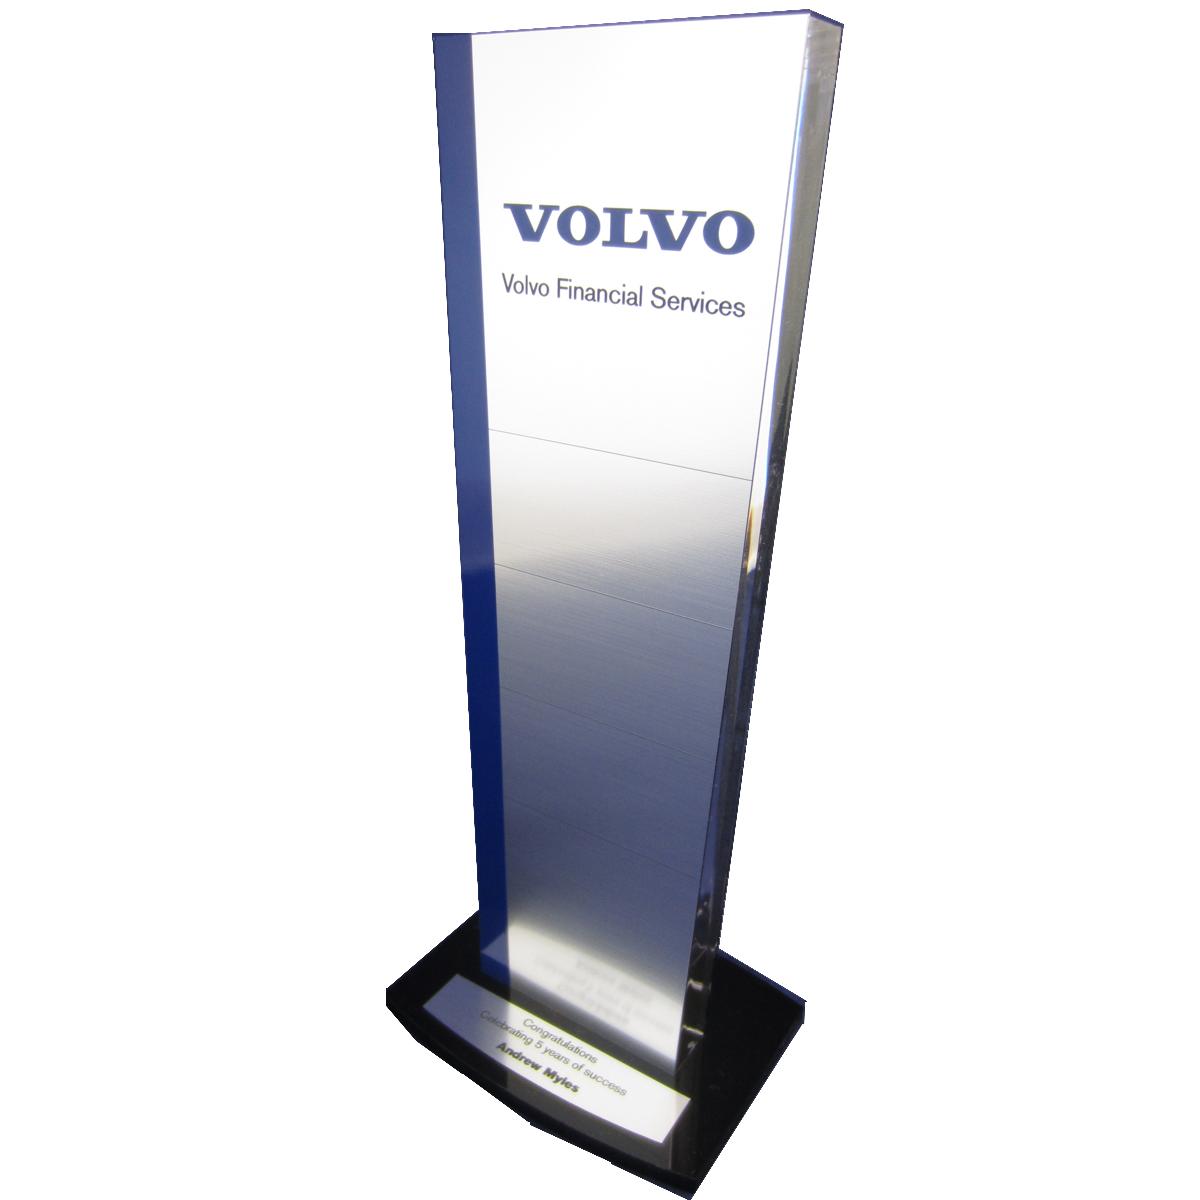 Home - Trophy Awards Online - Brisbane, Gold Coast, Sunshine